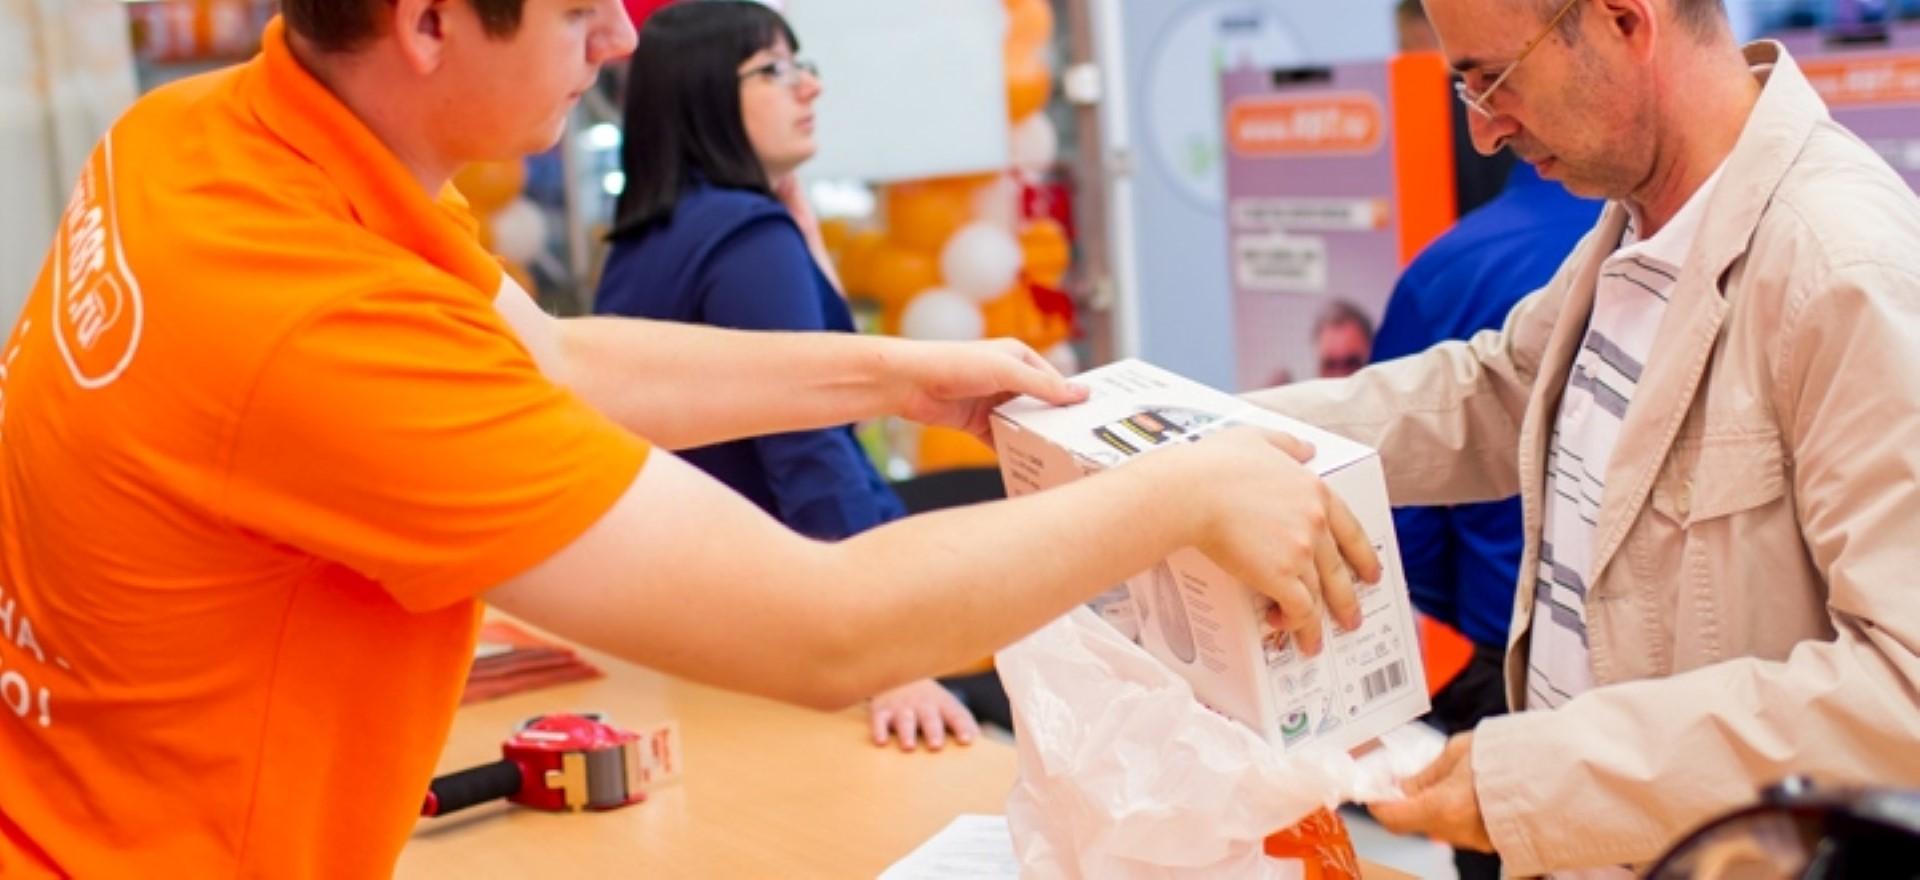 Какие правила обмена и возврата товара в магазин?